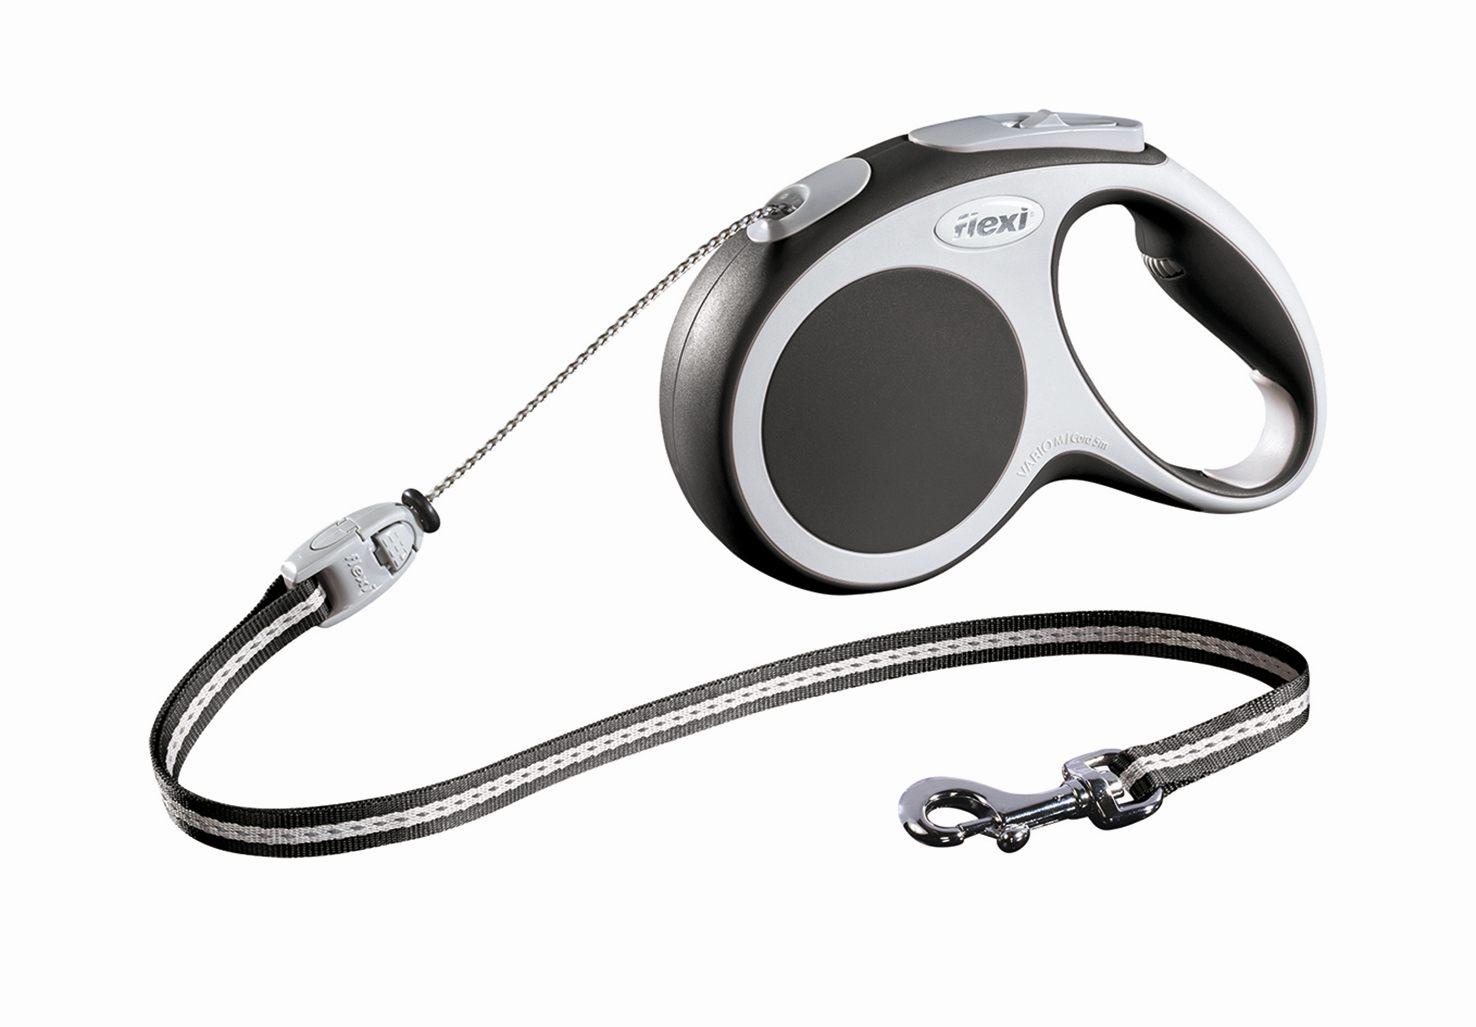 Поводок-рулетка Flexi Vario Basic М для собак до 20 кг, цвет: серый, 5 м46949Поводок-рулетка Flexi Vario Basic М изготовлен из пластика и нейлона. Тросовыйповодок обеспечивает каждой собаке свободу движения, что идет на пользуздоровью и радует вашего четвероногого друга. Рулетка очень проста виспользовании, оснащенакнопками кратковременной и постоянной фиксации. Ее можно оснастить -мультибоксом для лакомств или пакетиков для сбора фекалий, LED подсветкойкорпуса, своркой или ремнем с LED подсветкой. Поводок имеет прочный корпус,хромированную застежку и светоотражающие элементы. Длина поводка: 5 м.Максимальная нагрузка: 20 кг.Товар сертифицирован.